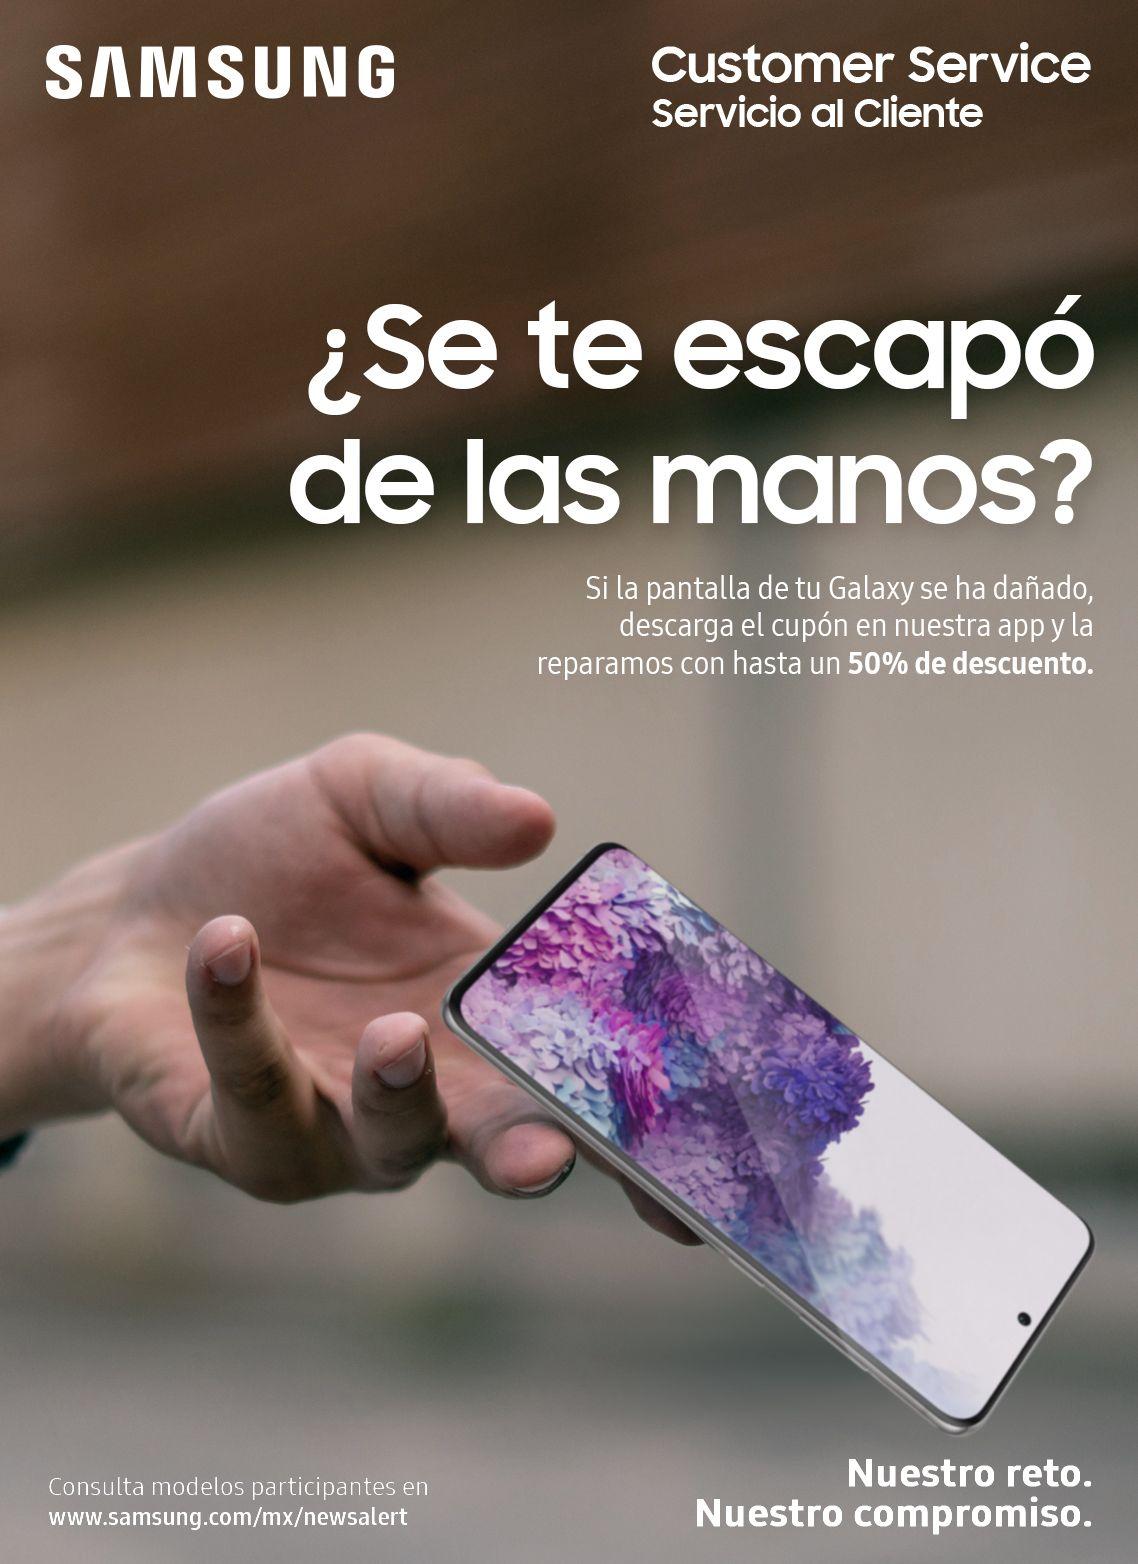 Samsung: Repara la pantalla o batería dañada de tu Galaxy con hasta 50% de descuento